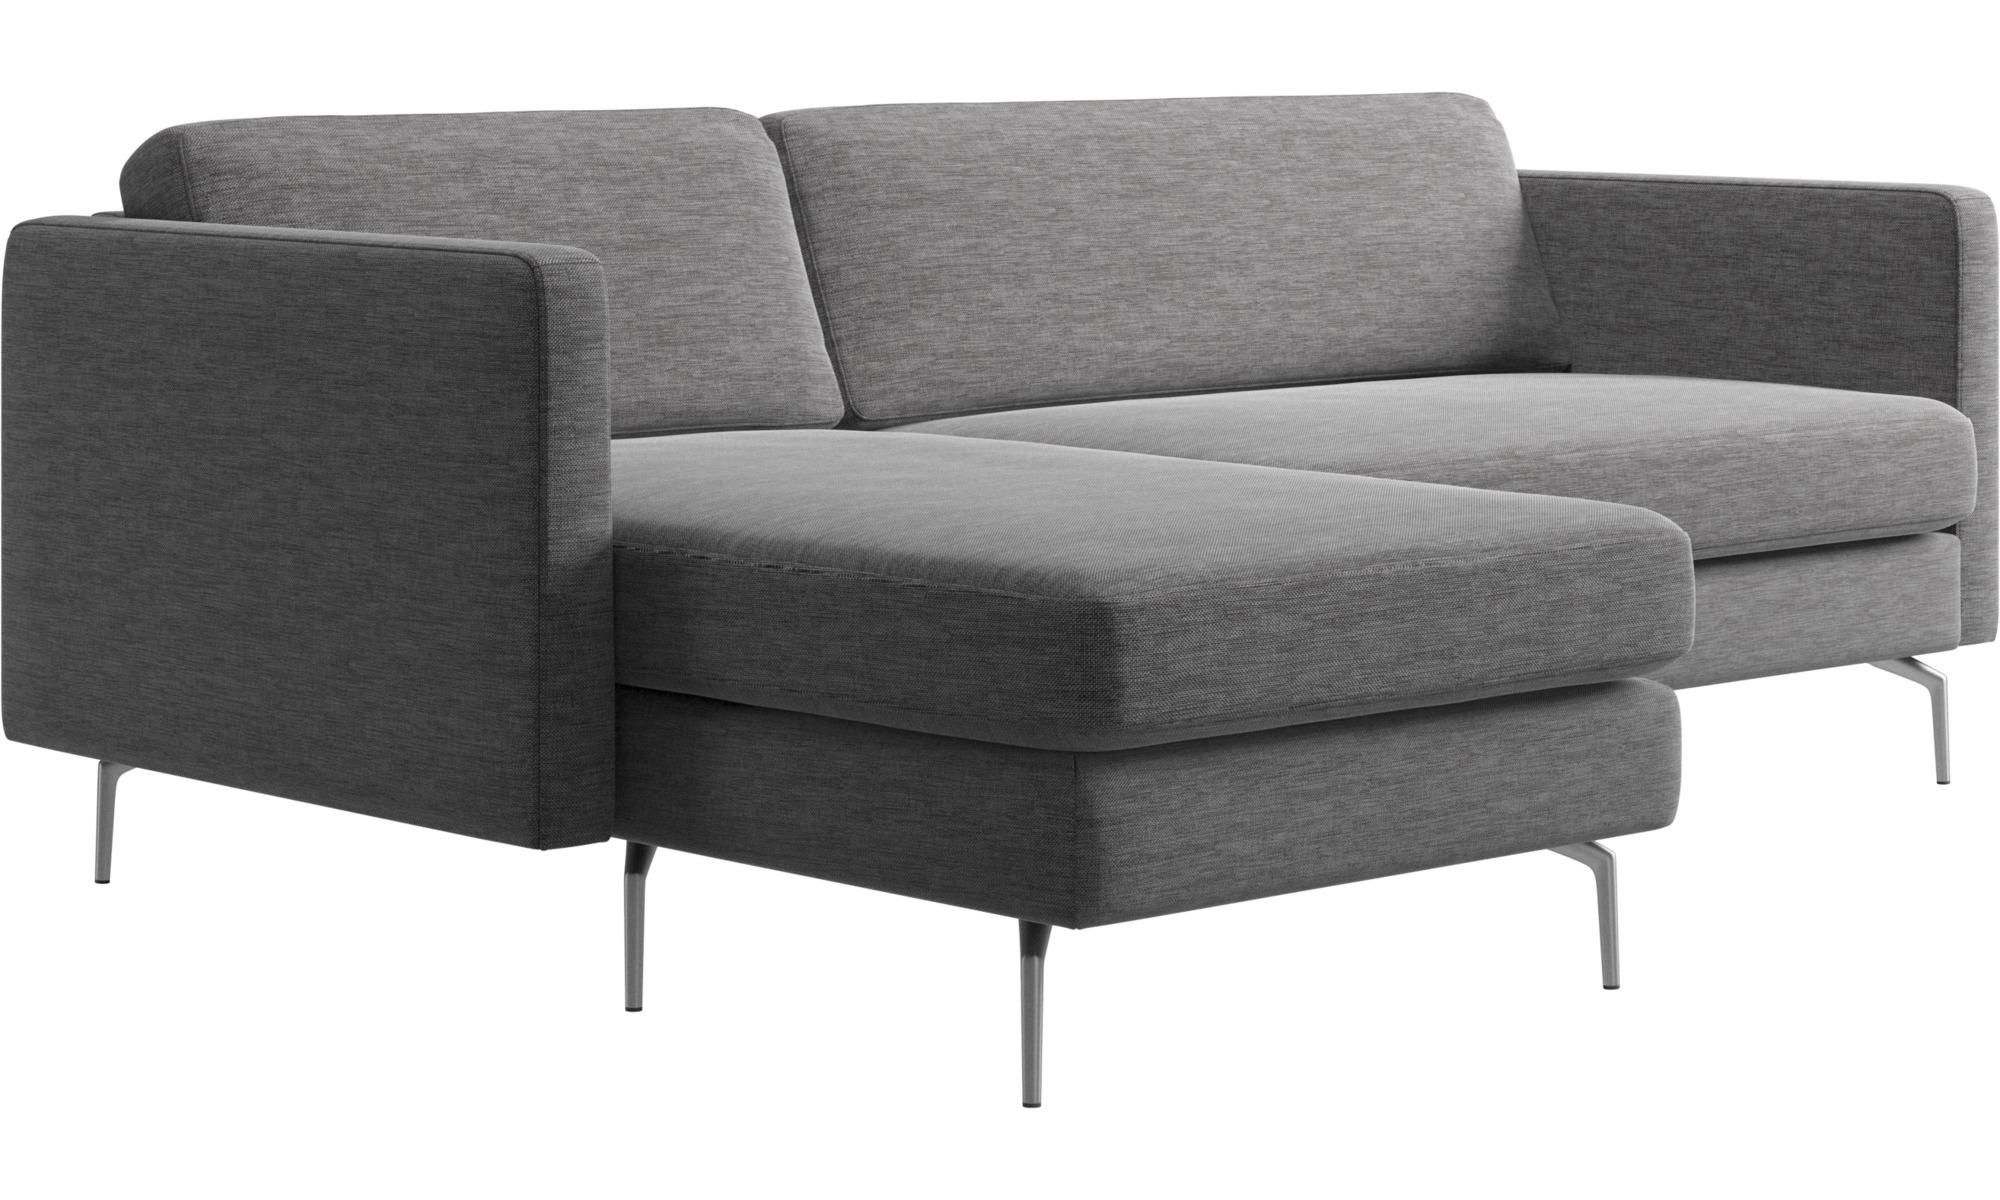 canap s avec chaise longue canap osaka avec chaise longue assise classique boconcept. Black Bedroom Furniture Sets. Home Design Ideas